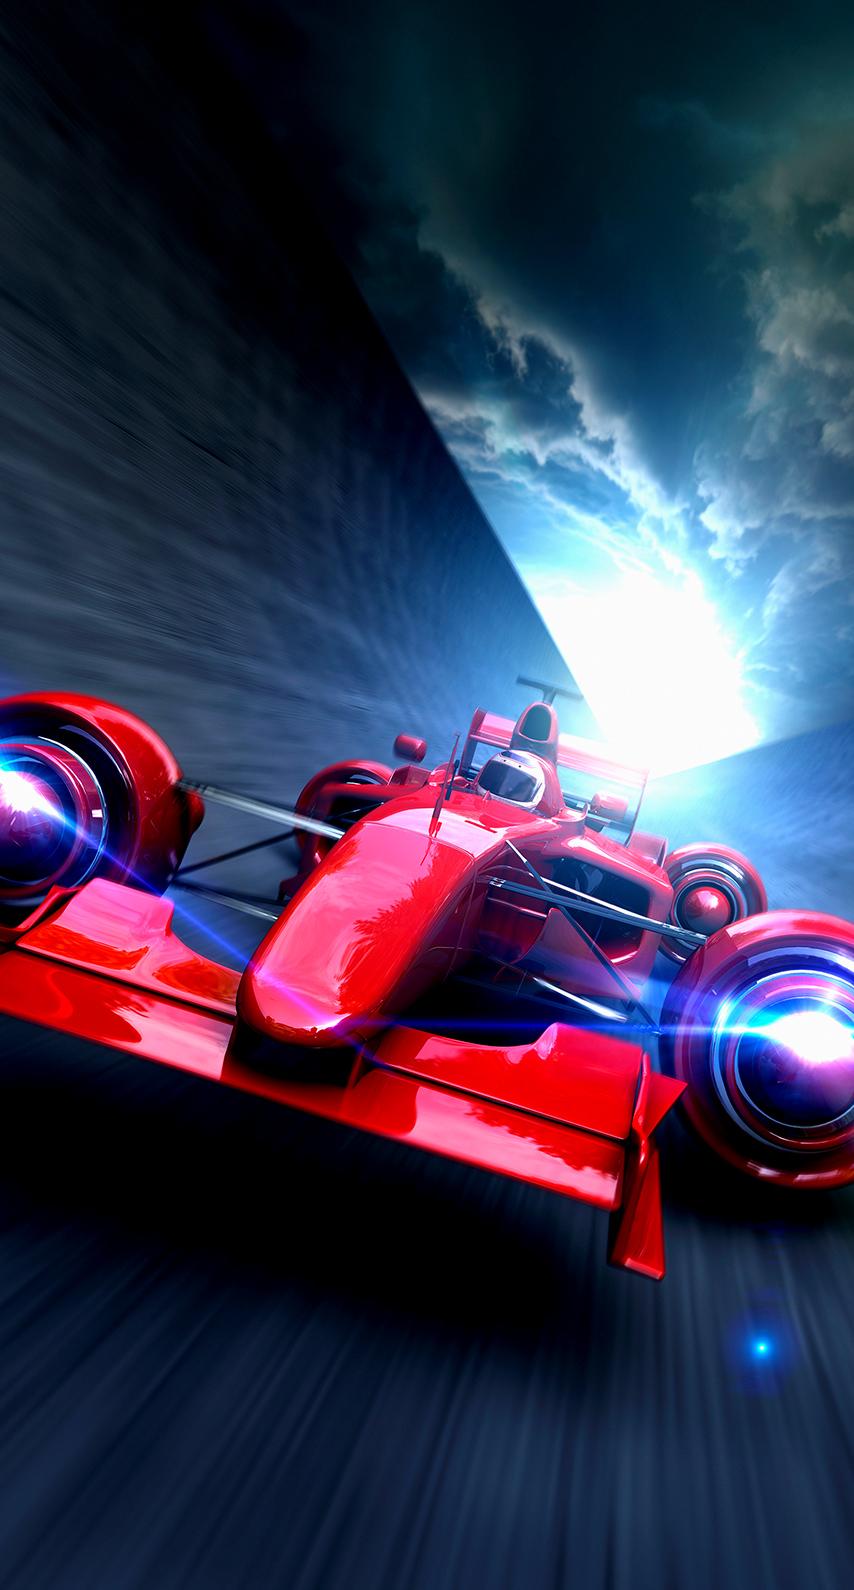 race, car